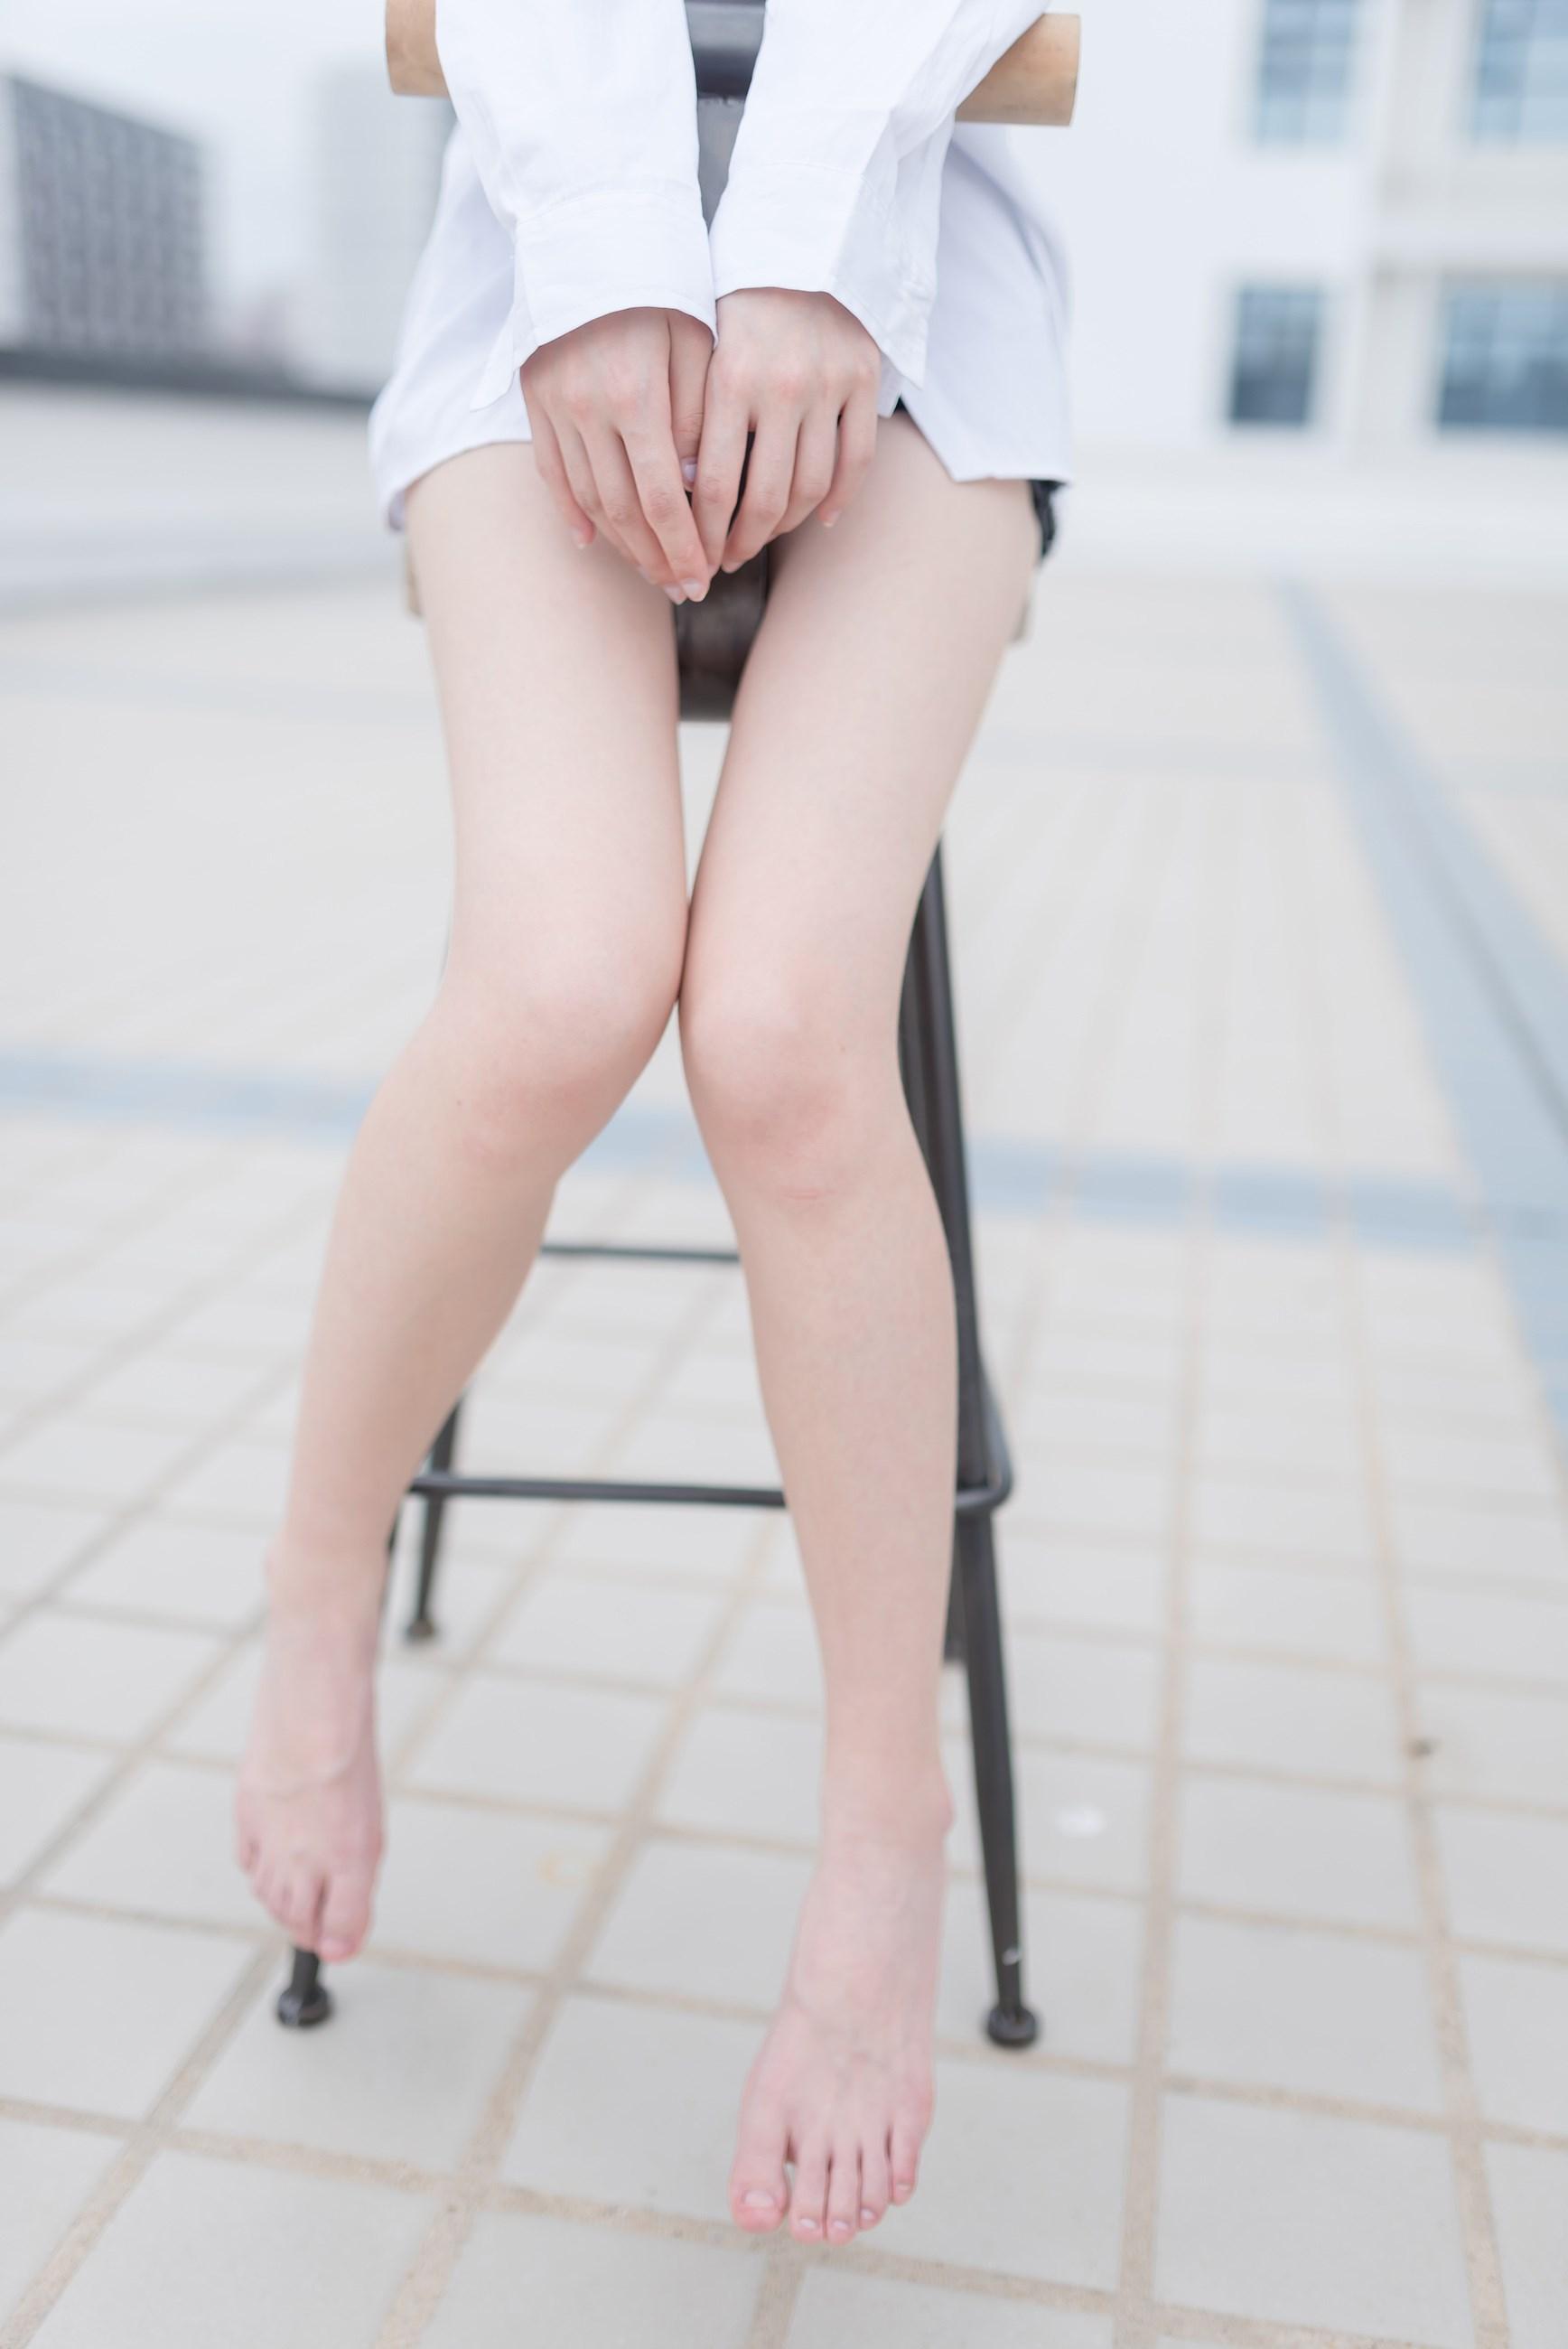 【兔玩映画】裸脚白衬衫 · 足控福利 兔玩映画 第19张